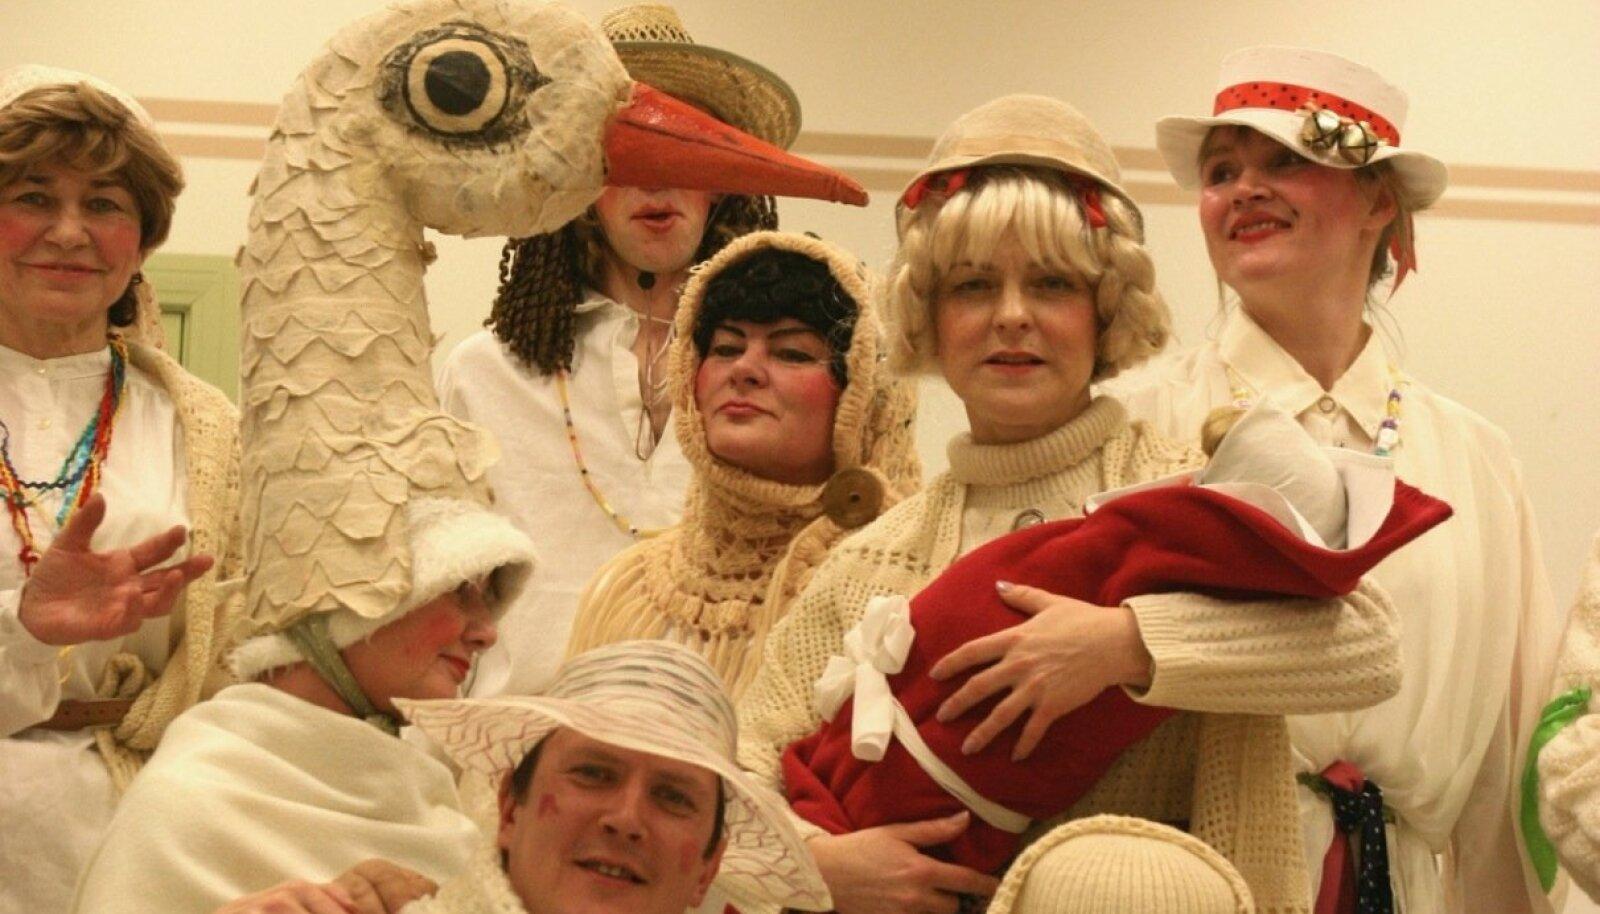 Kümnendi eest jäädvustatud Tarvanpää tantsijatest kadrinsantide keskel on ka nägus kadrinoorik koos titega, kas aga maimuke ka piisavalt pissis, seda ajalugu ei mäleta